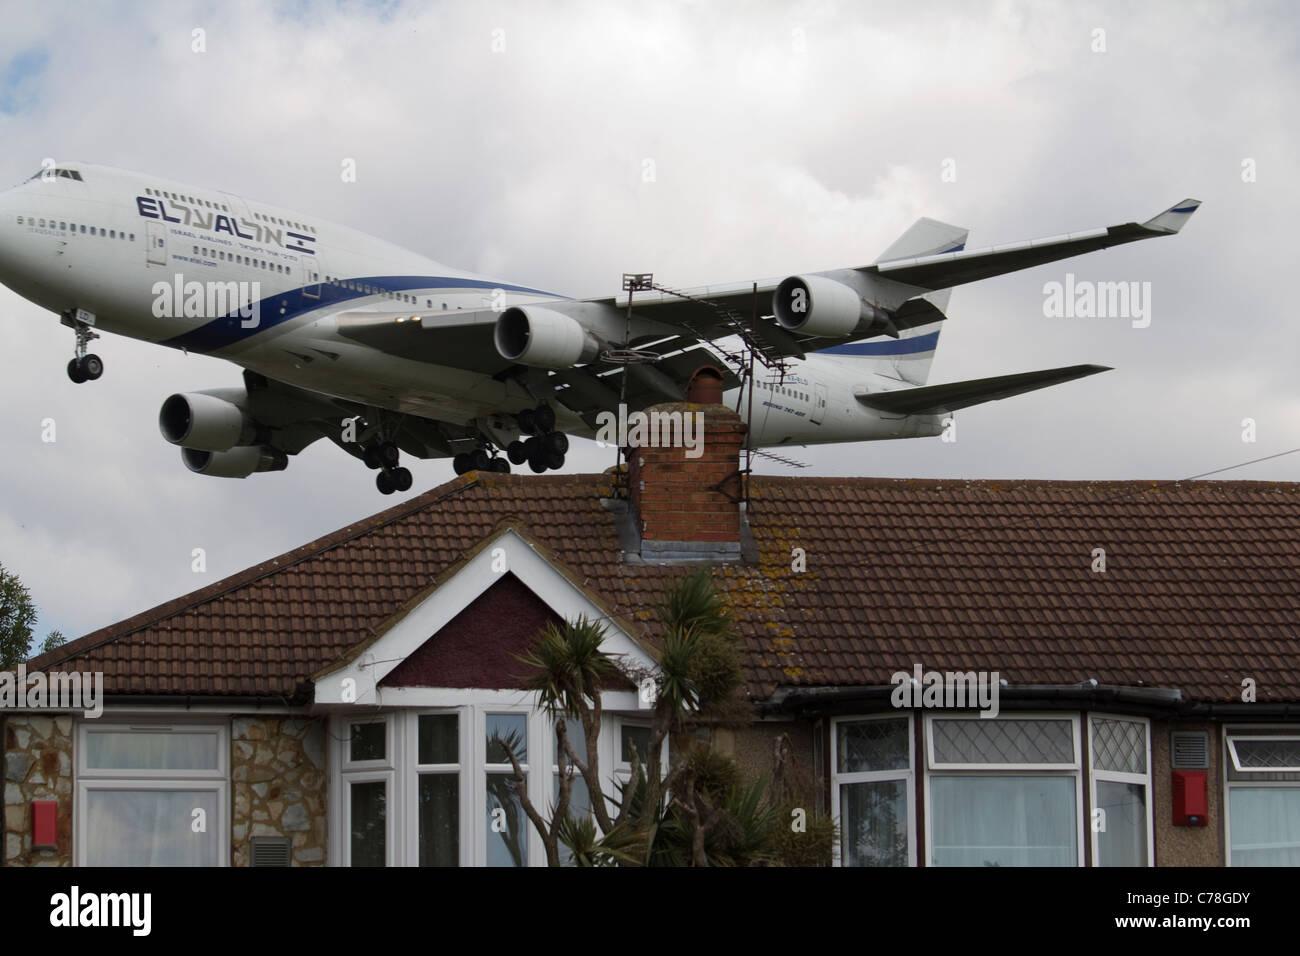 Elal El Al Israel Airlines aereo di linea bassa Battenti aereo aeroporto di Heathrow approccio Immagini Stock